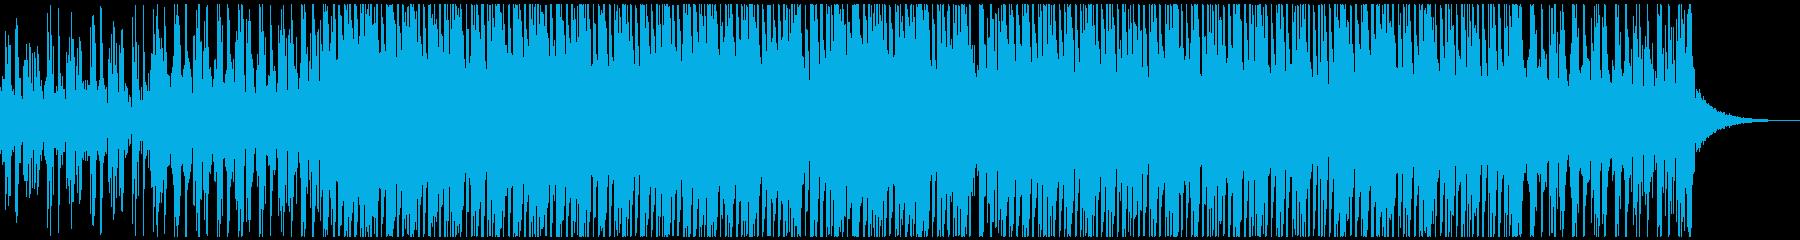 トロピカルハウスパーティー(90秒)の再生済みの波形